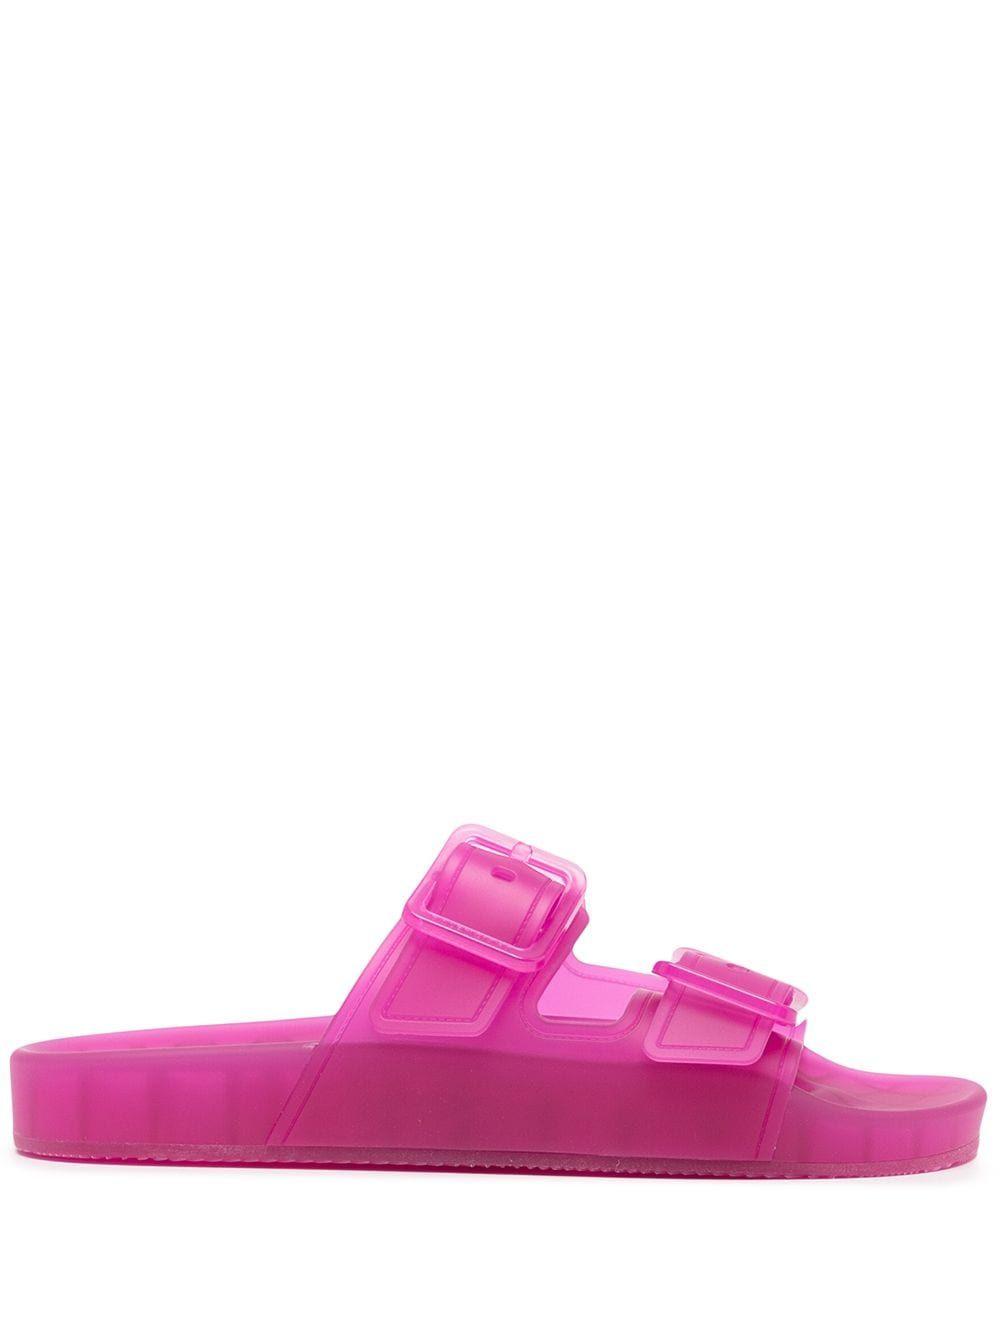 Sandalo mallorca